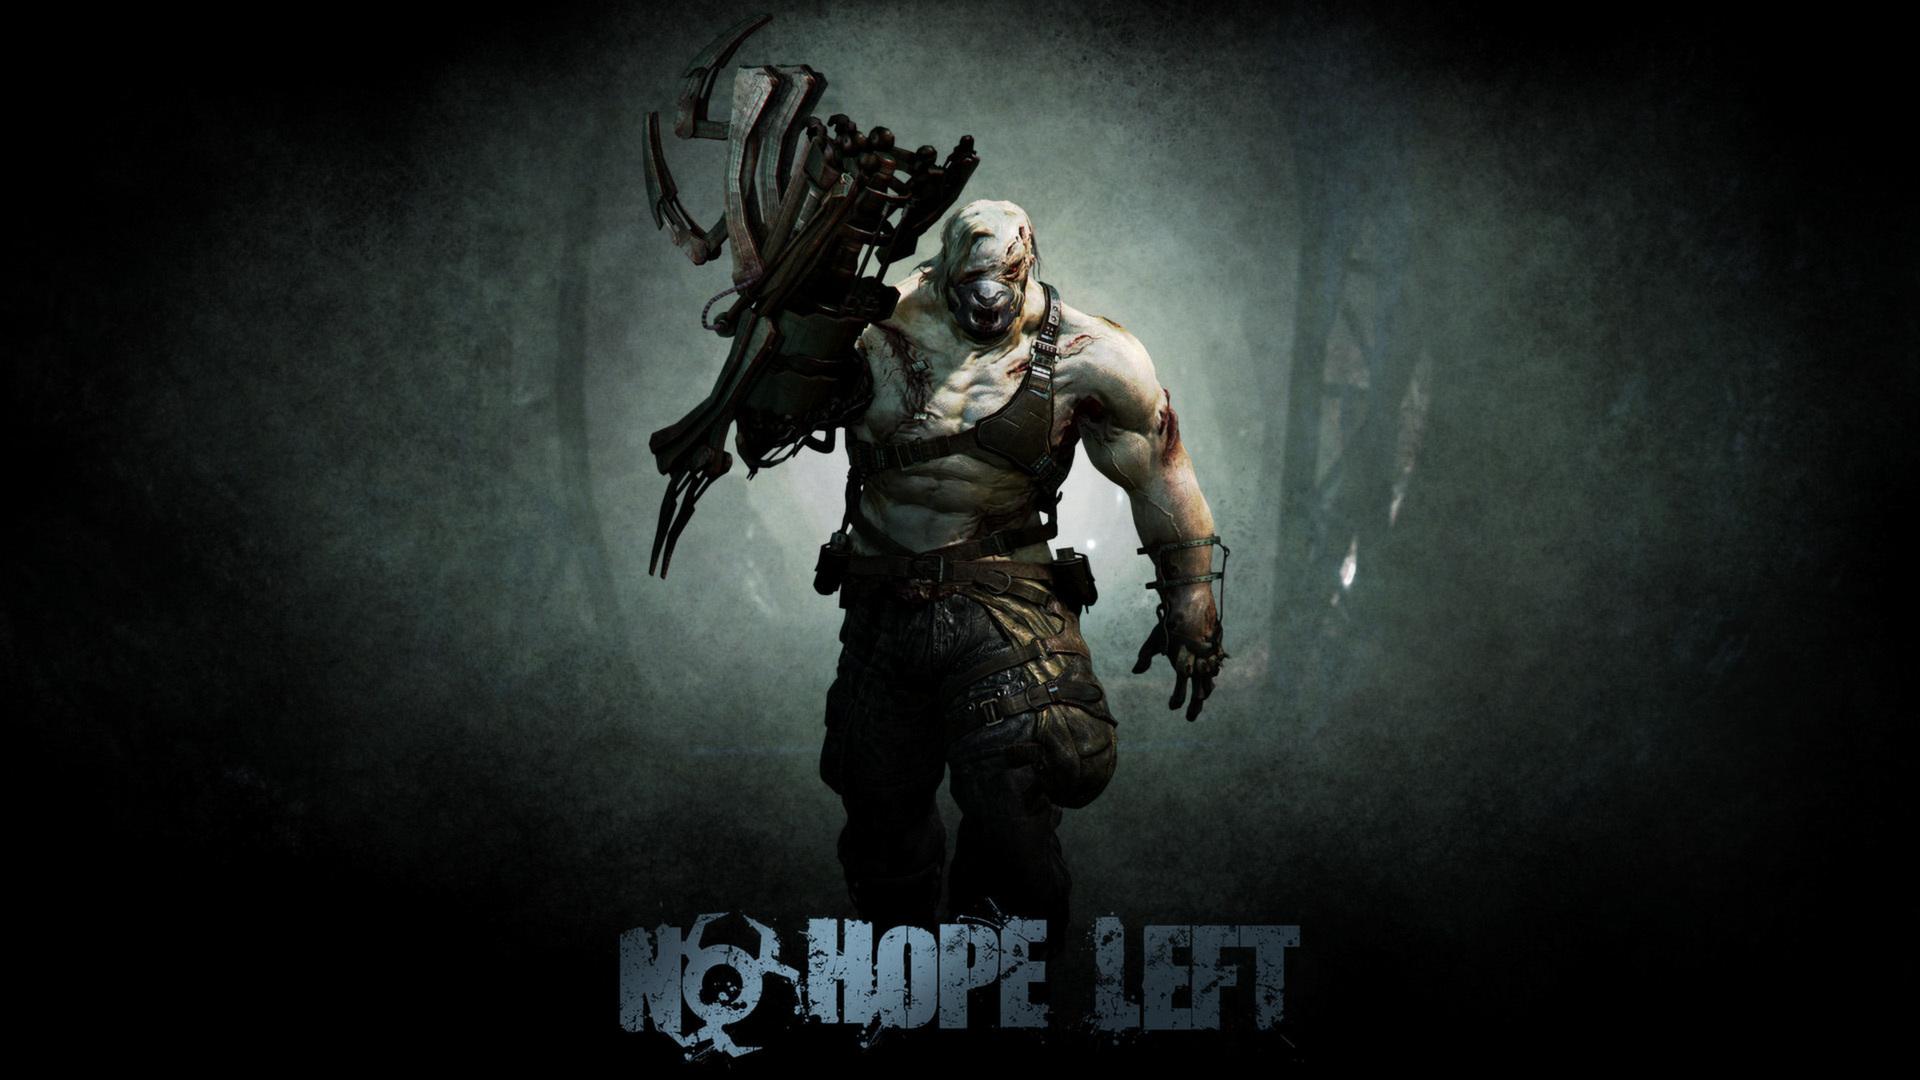 Resident Evil 6 Elicottero : Imagen resident evil hd wallpaper  g